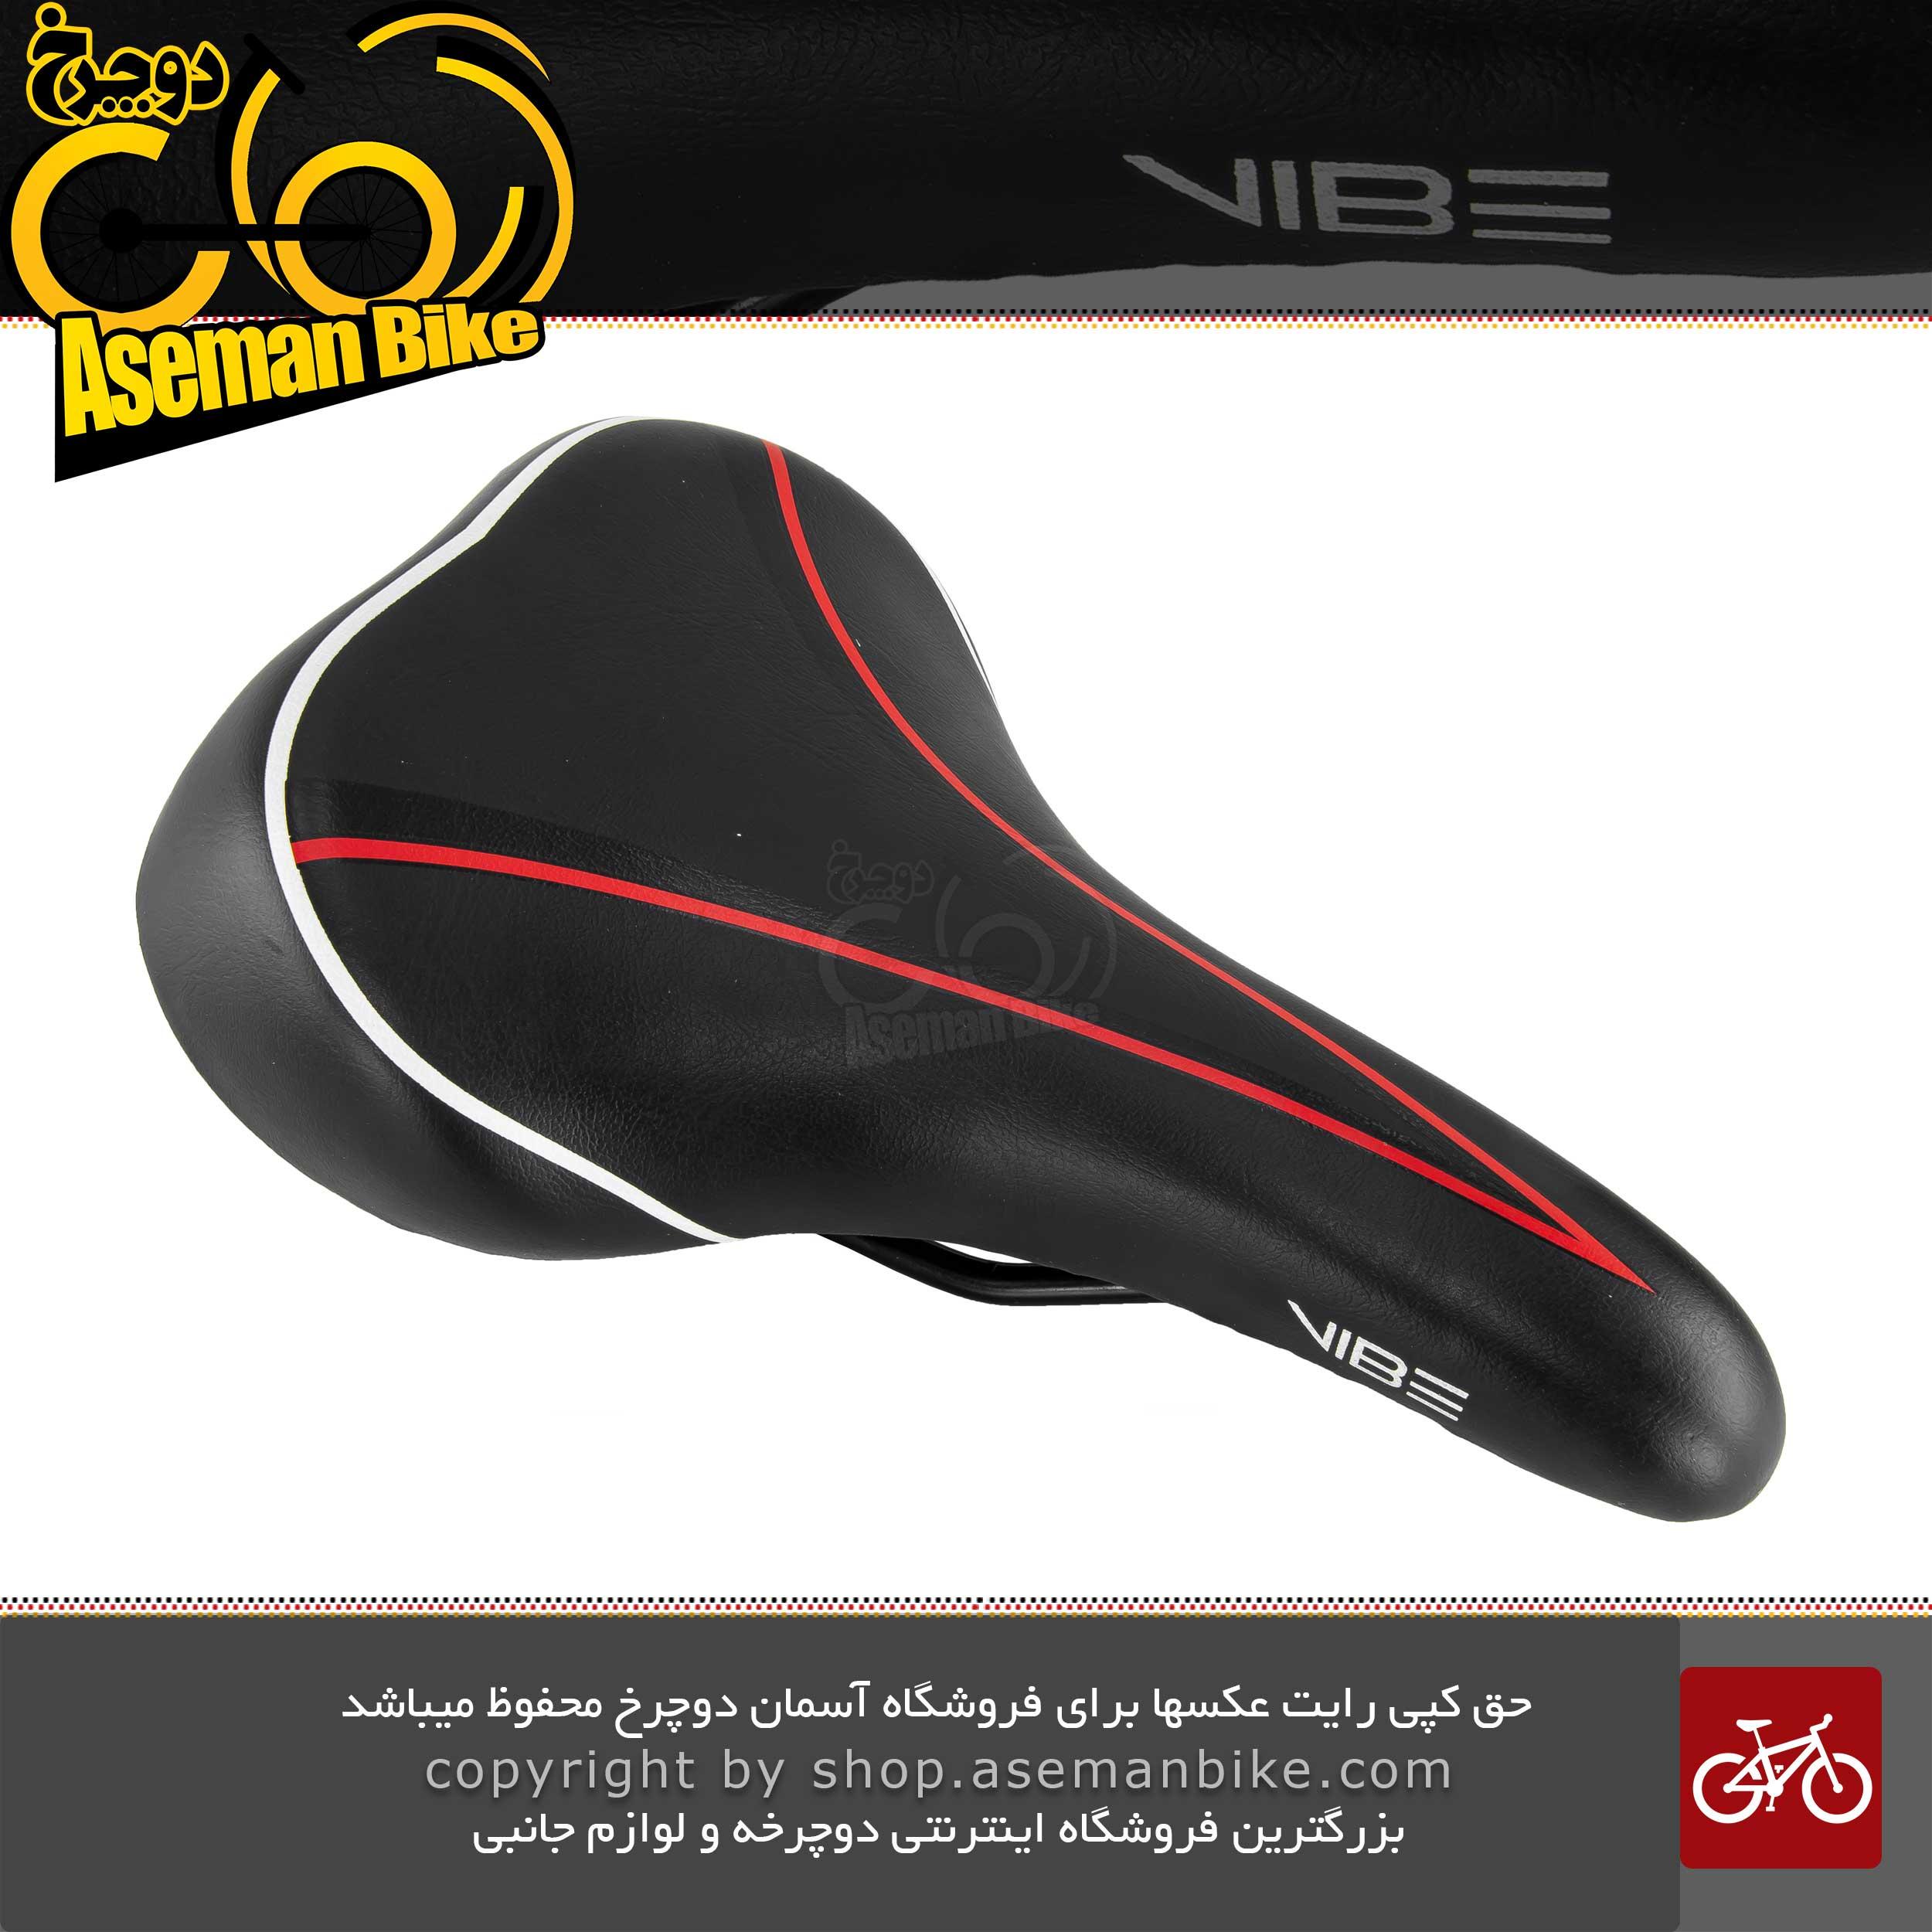 زین دوچرخه وایب مدل AZ 6012 T-02 مشکی VIBE Saddle AZ-6012 T-02 Black